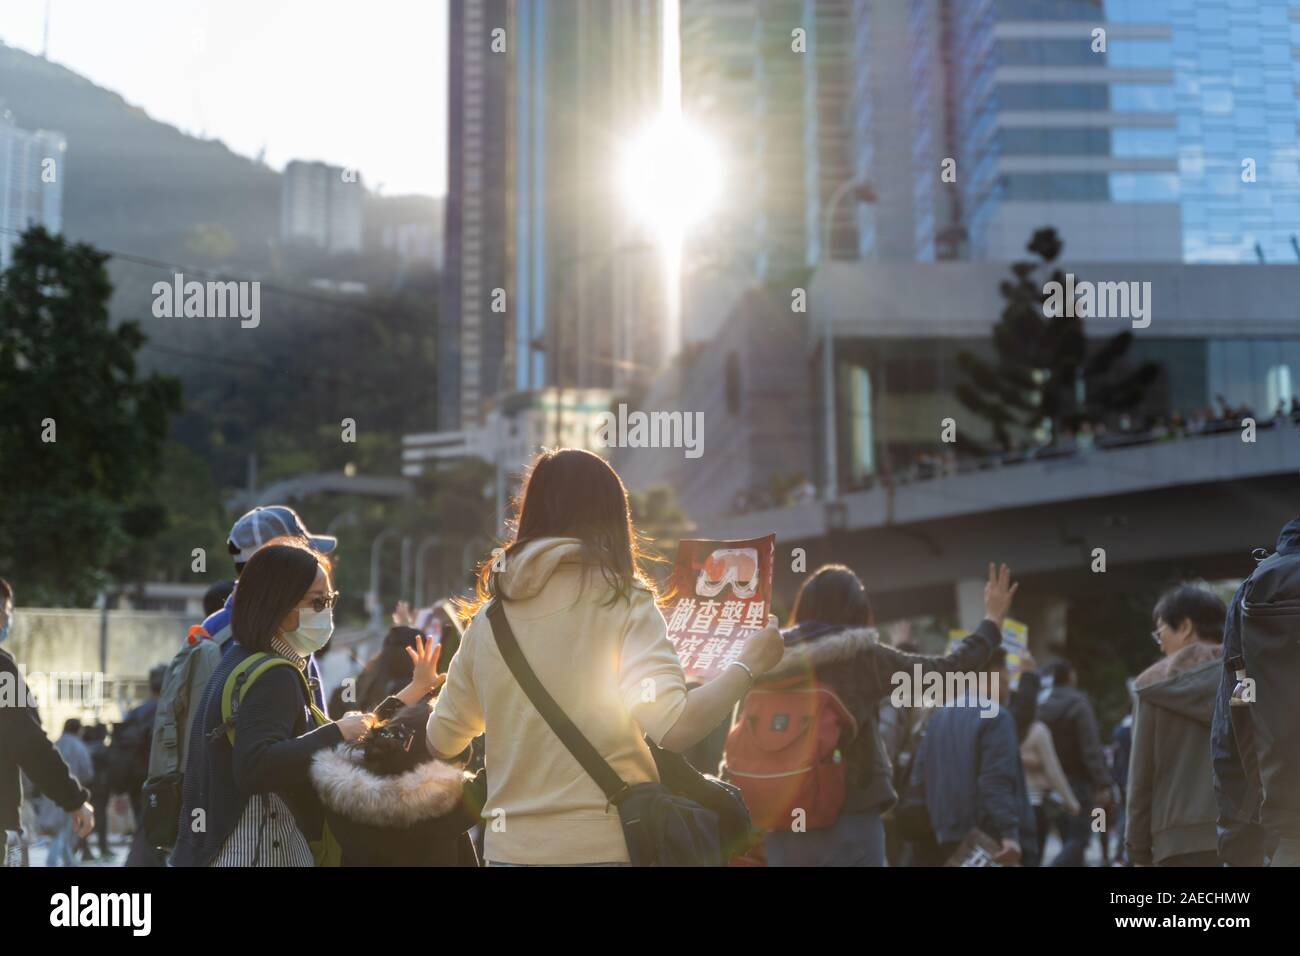 La Isla de Hong Kong, Hong Kong - Dec 8, 2019: carta internacional de los Derechos Humanos protesta en Hong Kong, 0,8 millones de personas en la calle contra la policía Foto de stock